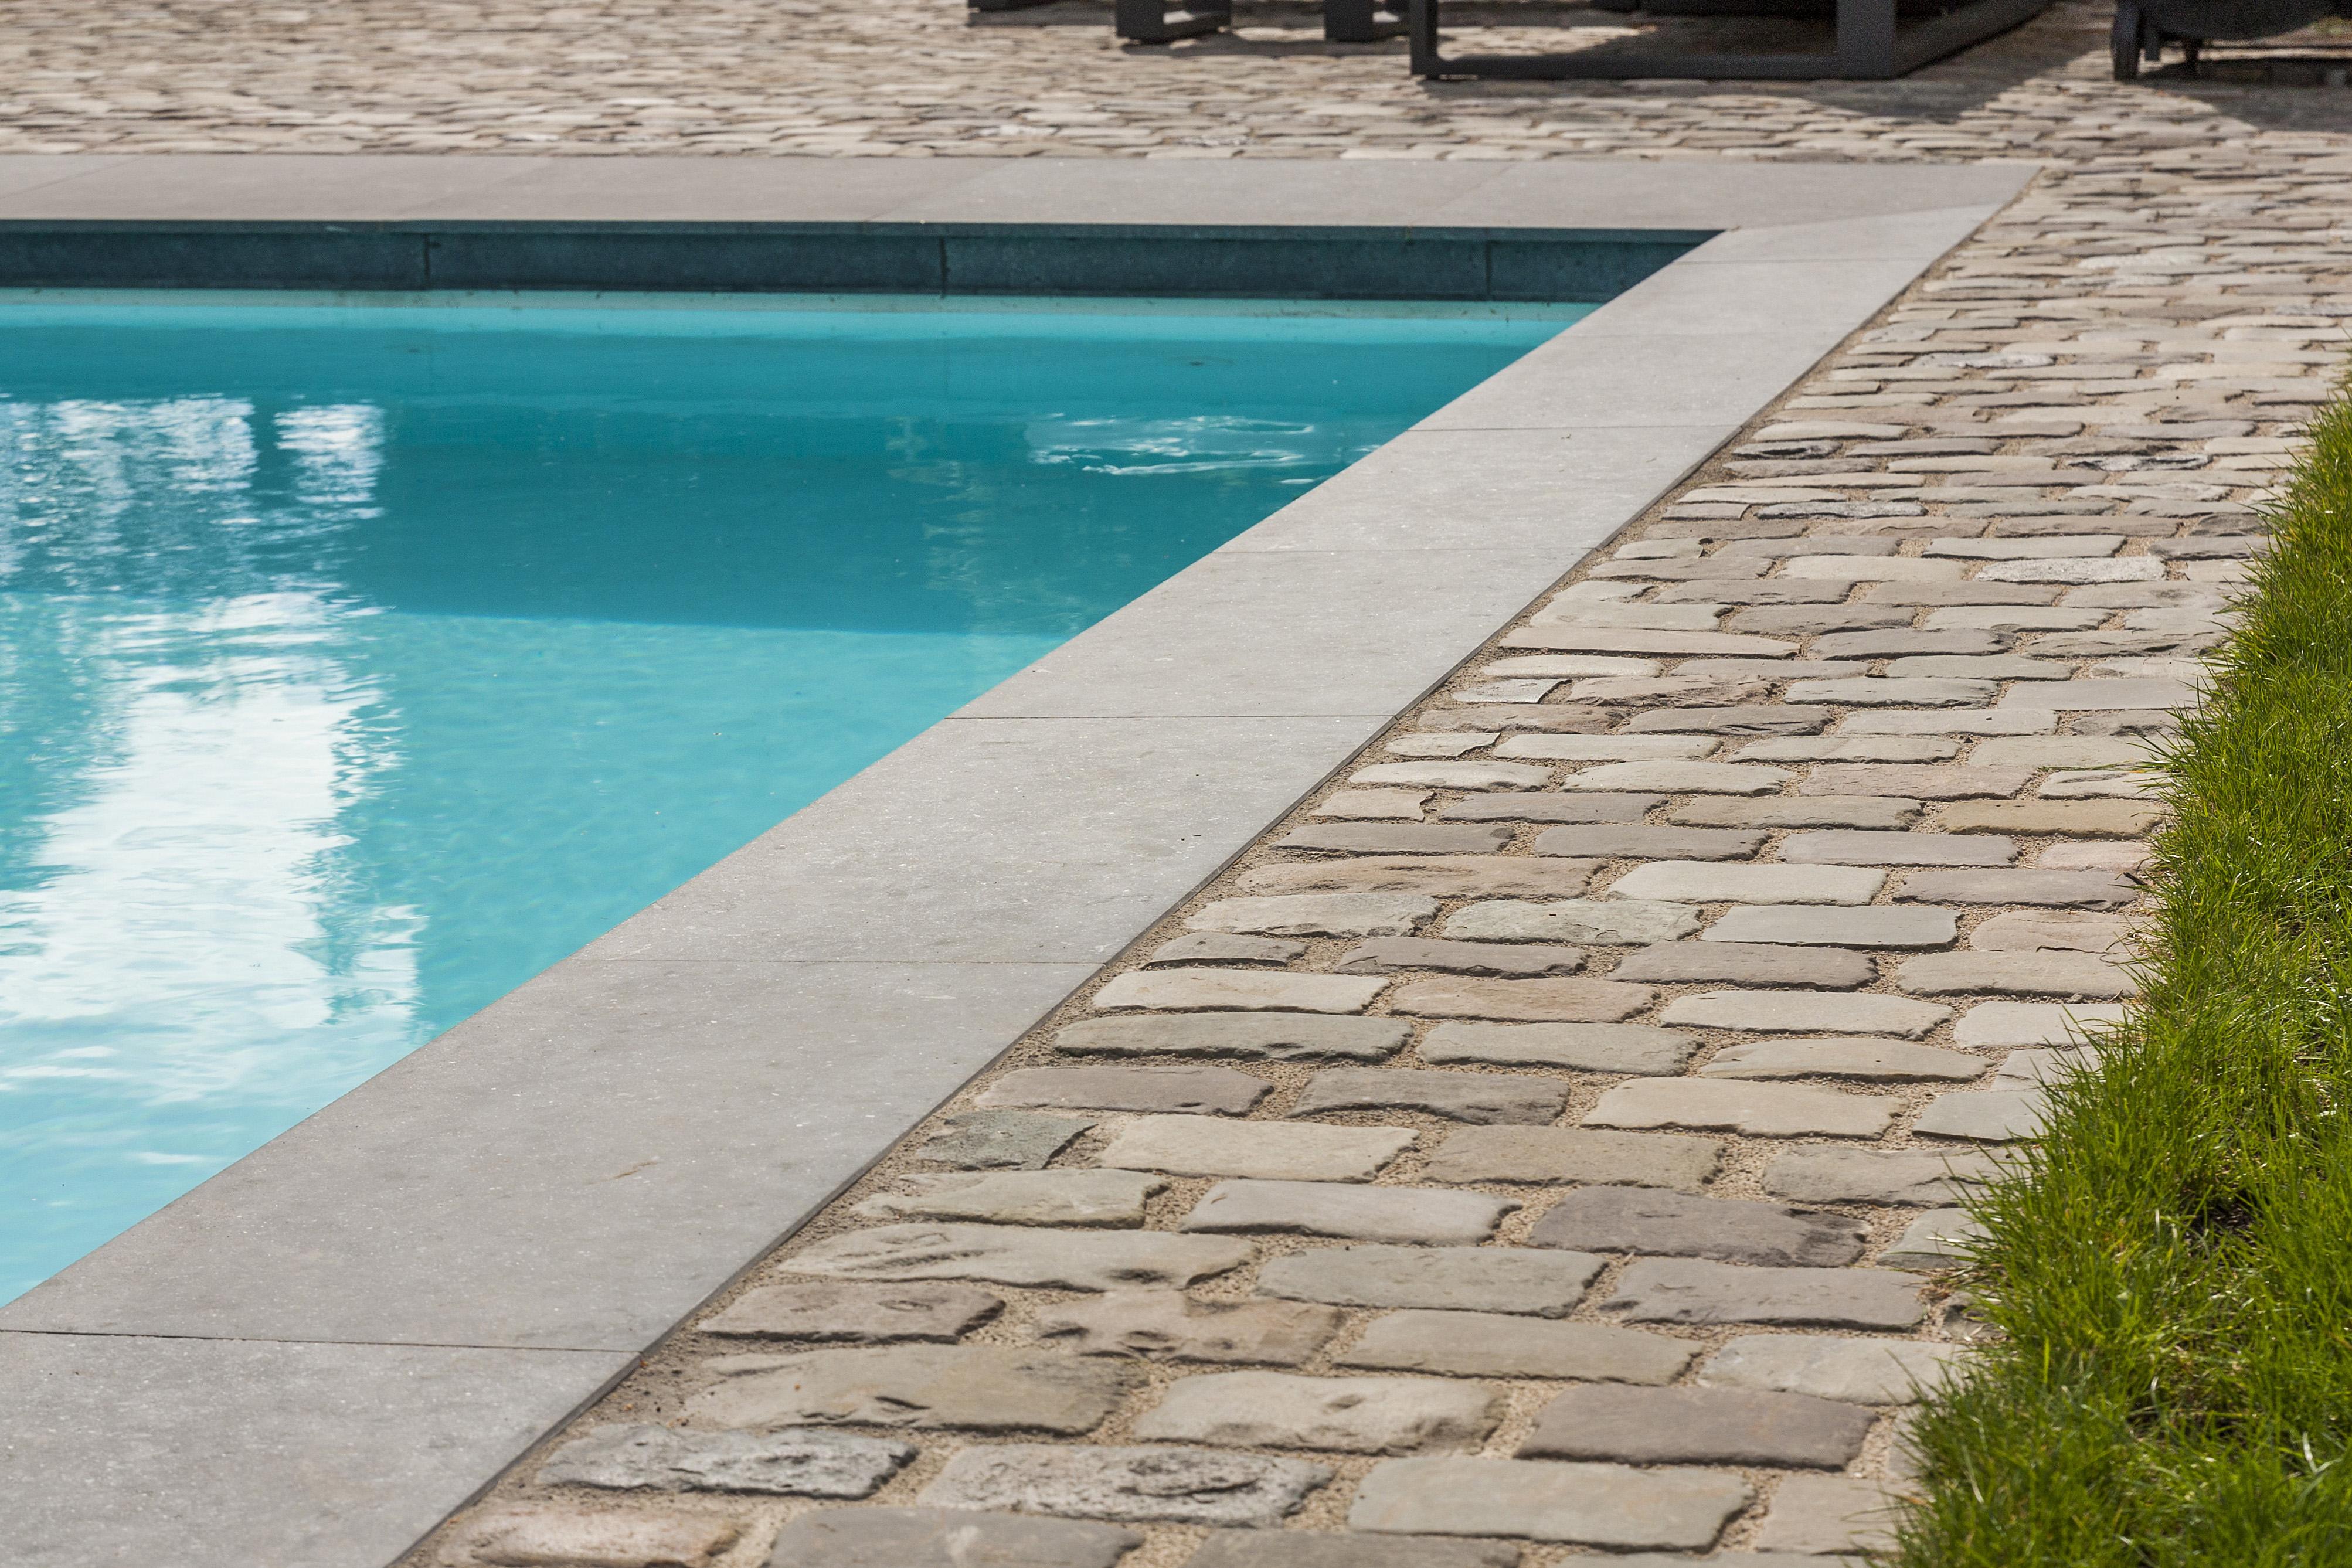 Genoeg Zwembad van Zwembaden Valkenborgh bvba - Van oude tegels naar GL02